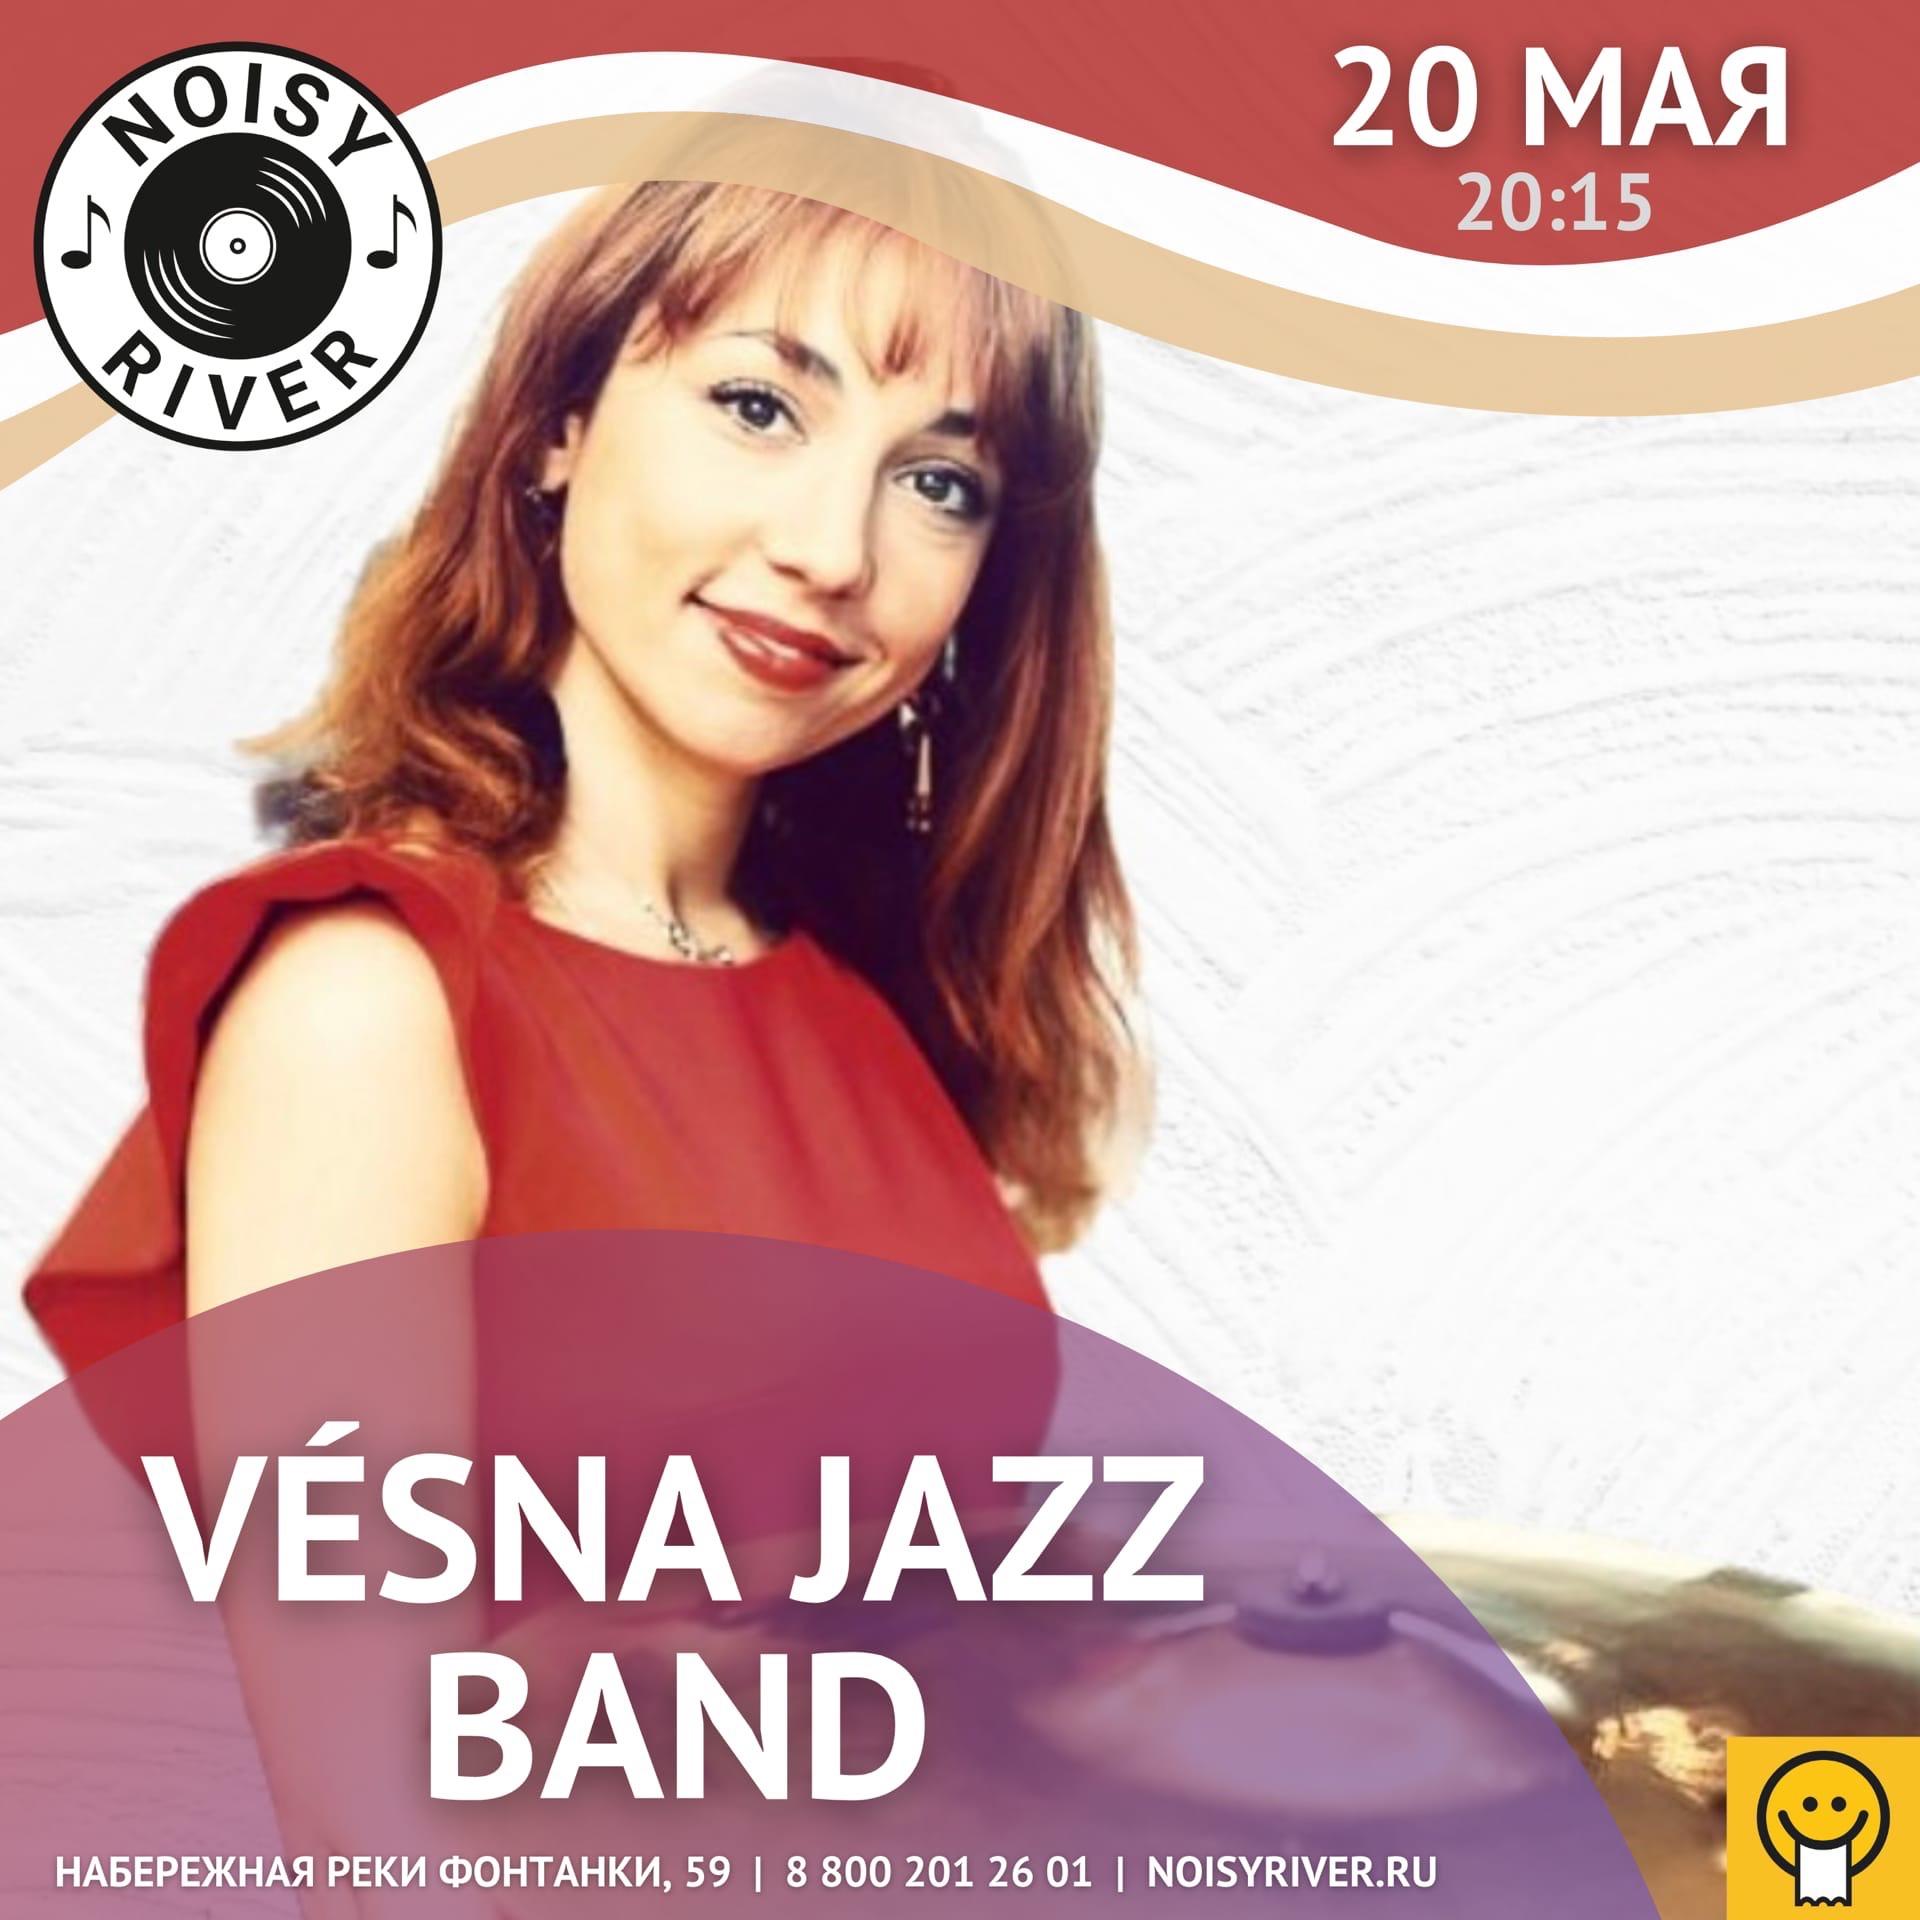 20.05 Весна джаз бенд в Noisy River!